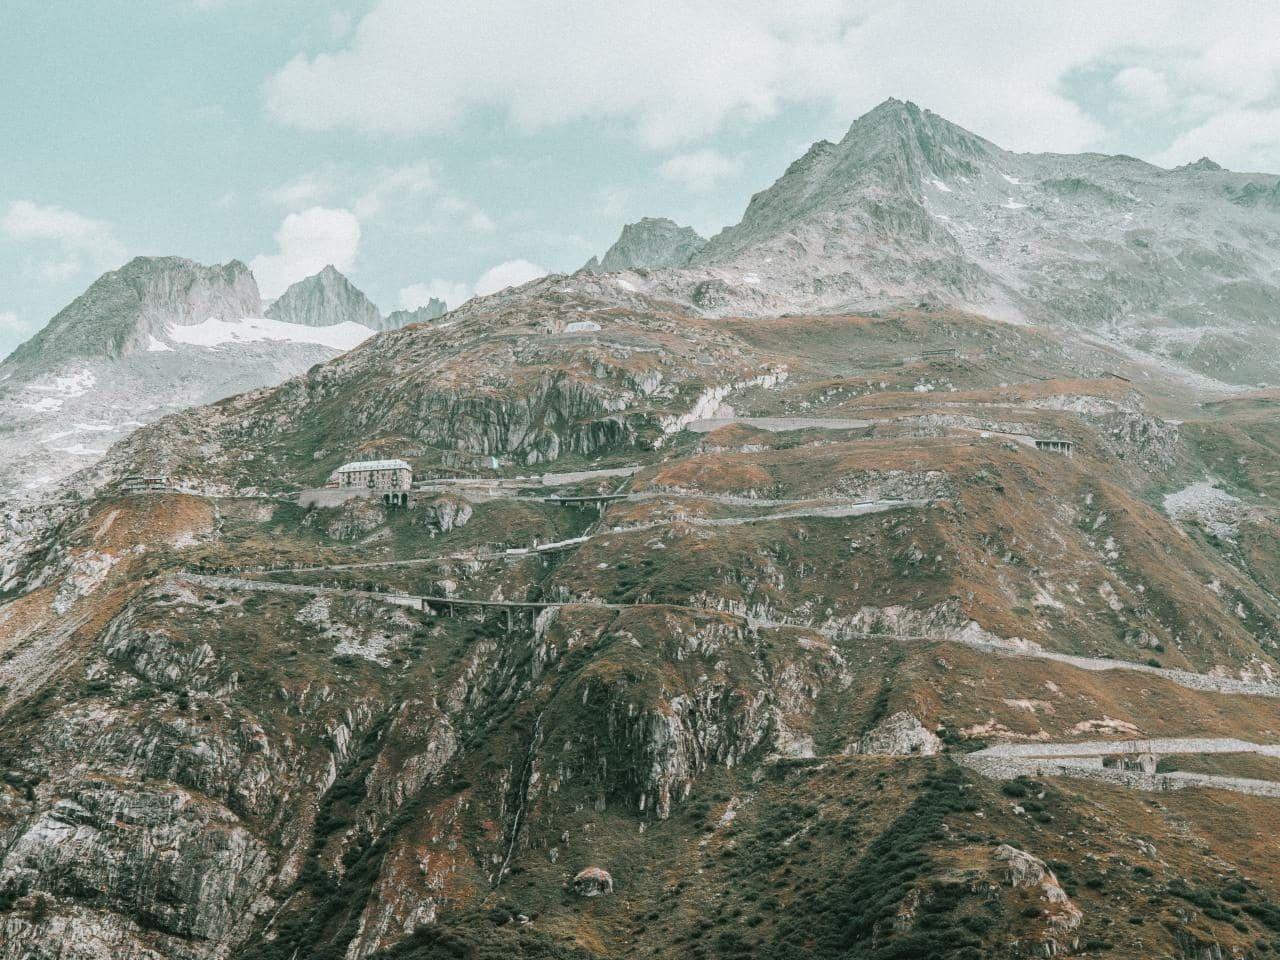 스위스 푸르카 패스의 벨베데레(Belvédère) 호텔근처 풍경, Furka Pass, Obergoms, Switzerland, Image - laurent-naville